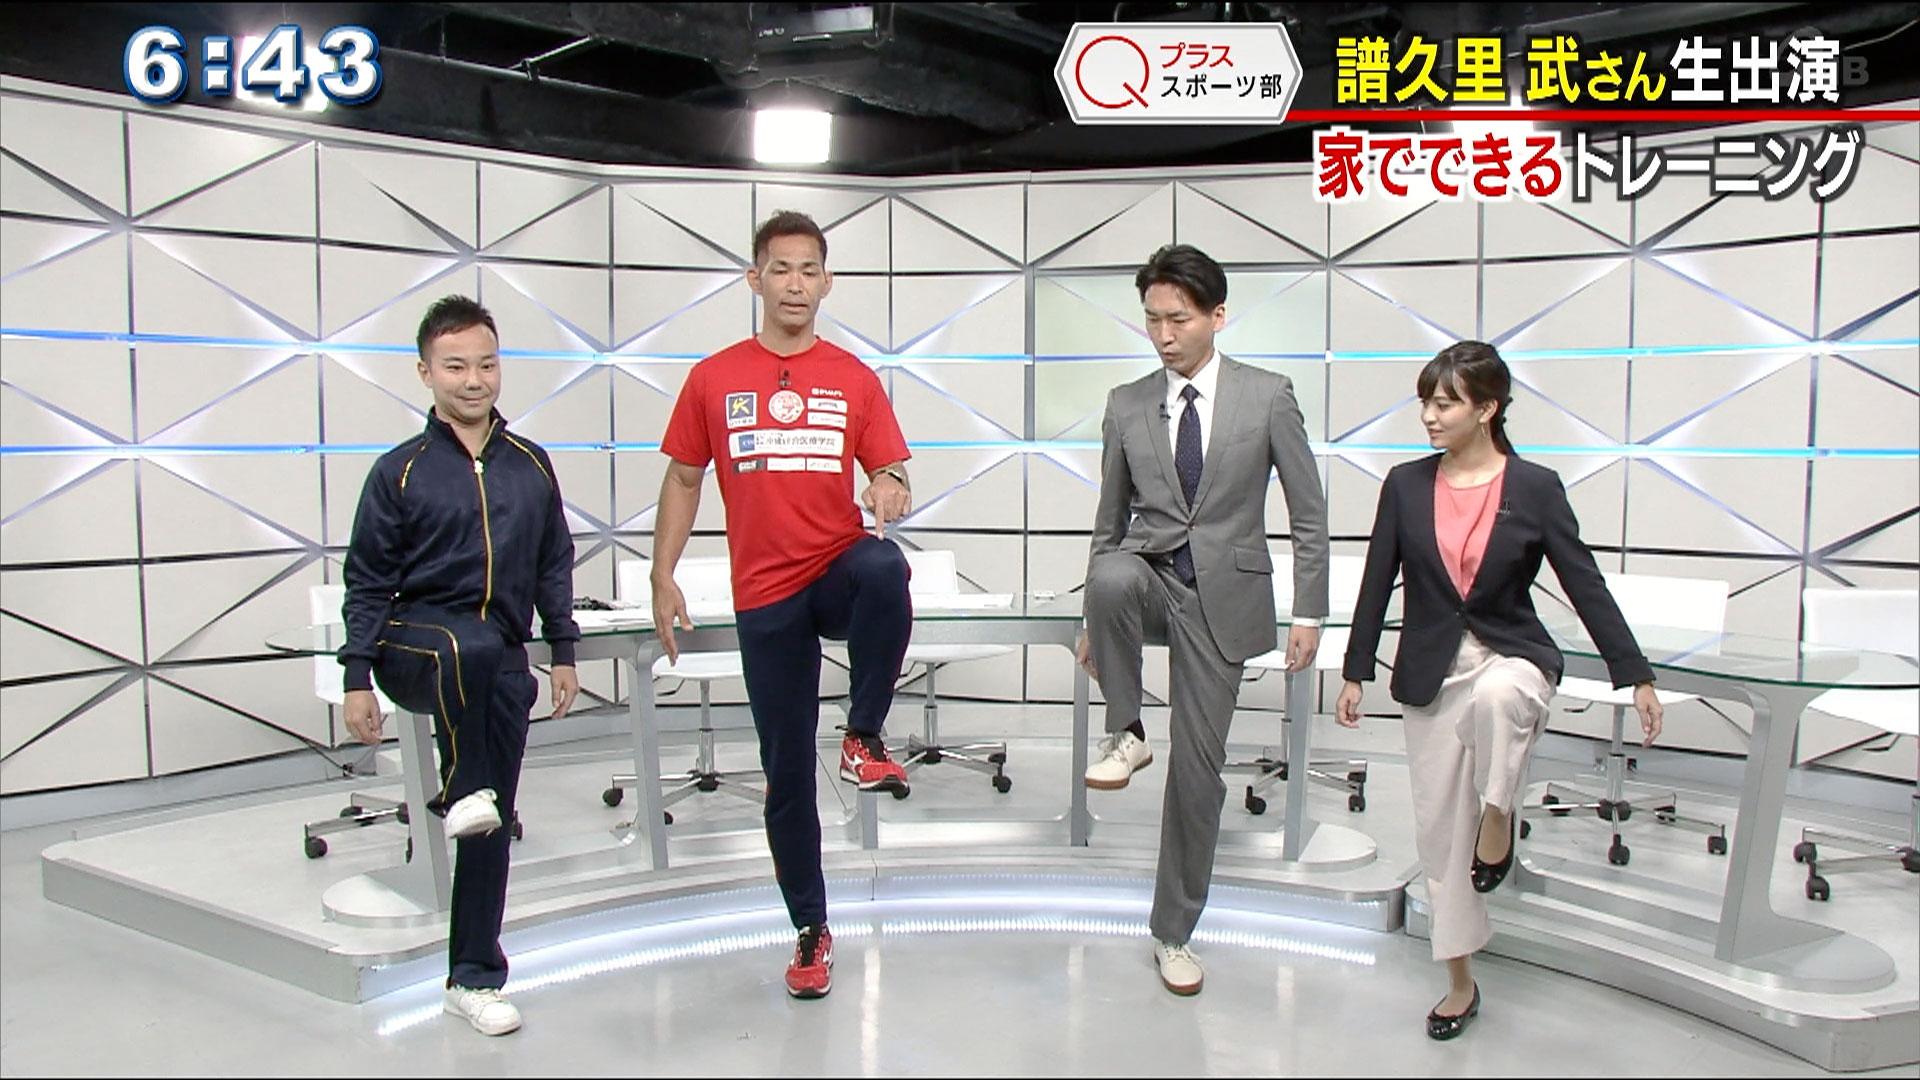 譜久里武さん生出演 世界記録保持者が教える家でできるトレーニング